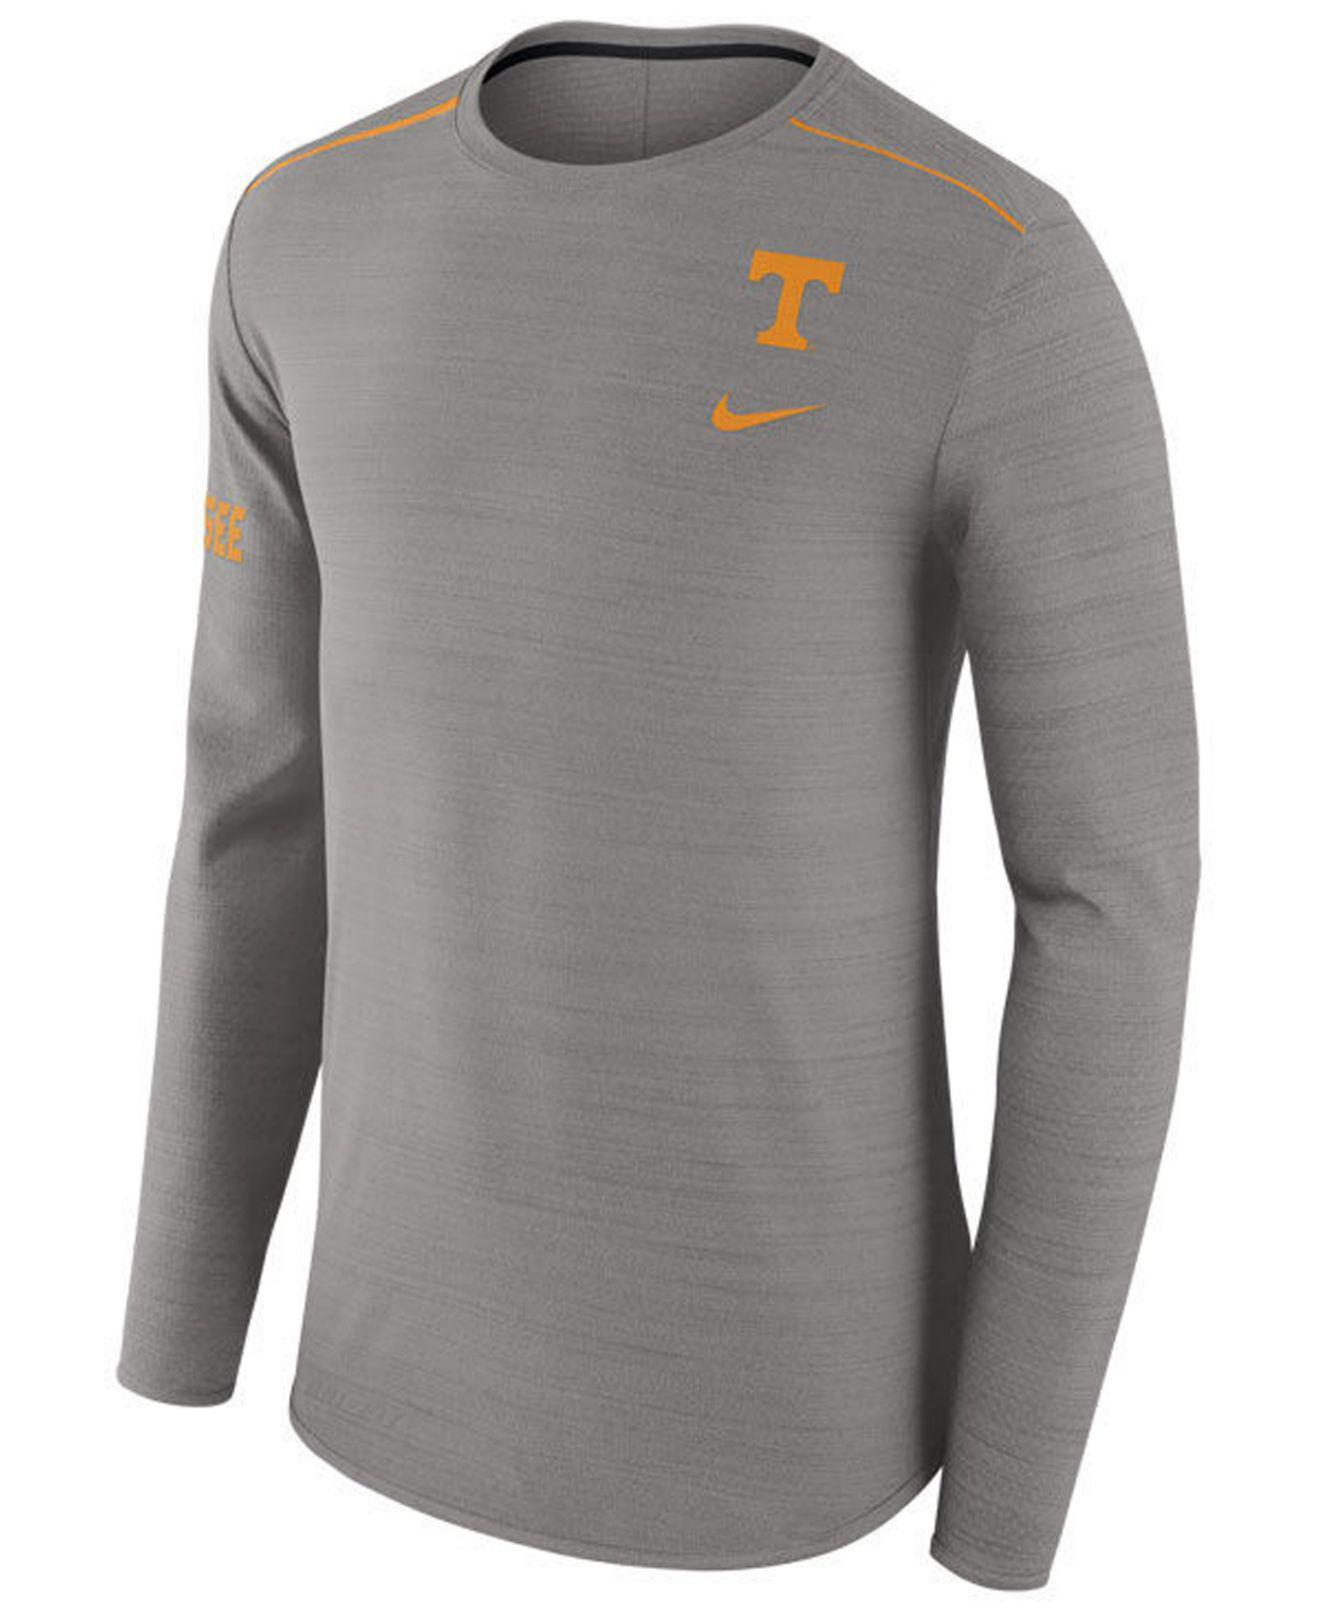 da5c2e8c Lyst - Nike Men's Dri-fit Breathe Long Sleeve T-shirt in Gray for Men